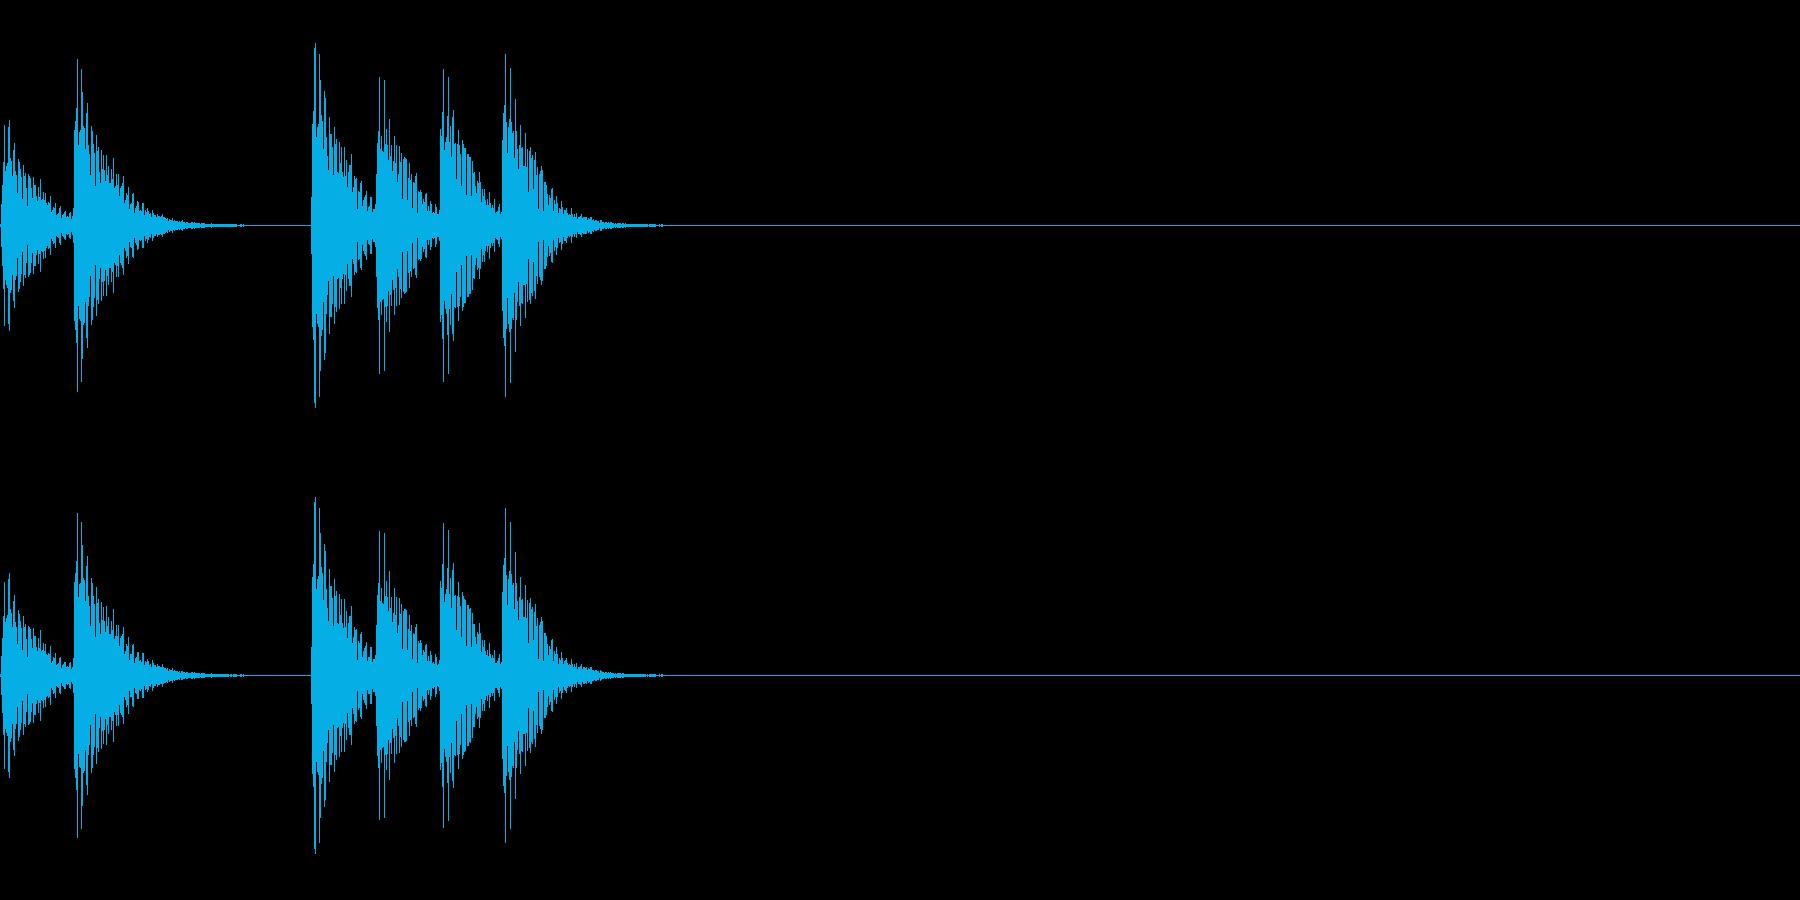 アニメ用~少し急かしているノック音~の再生済みの波形